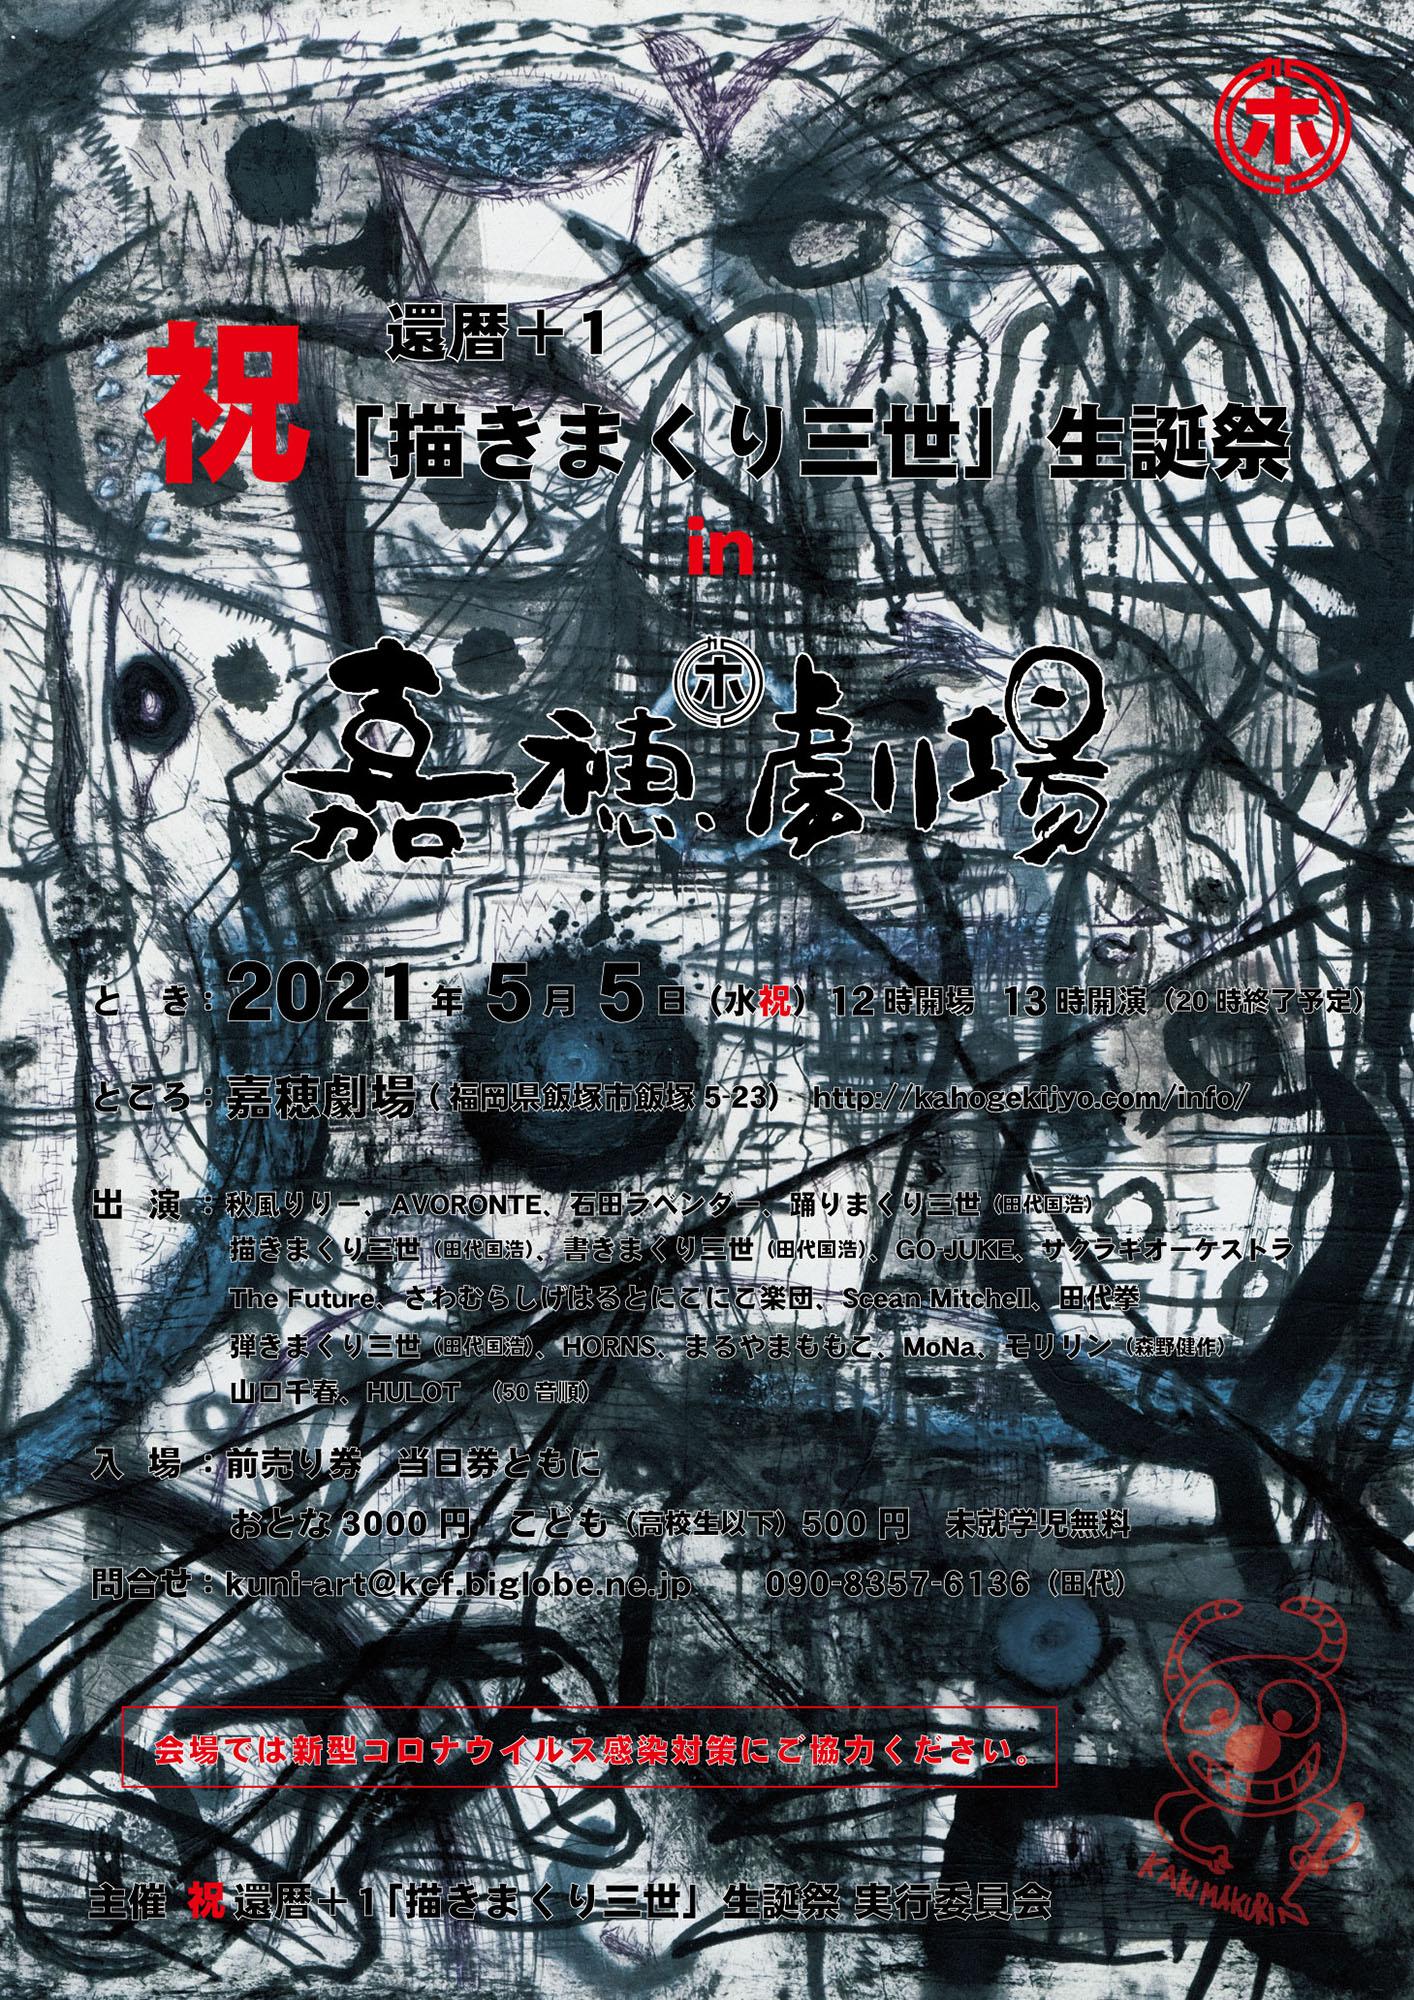 嘉穂劇場 還暦+1 描きまくり3世 生誕祭 田代国浩